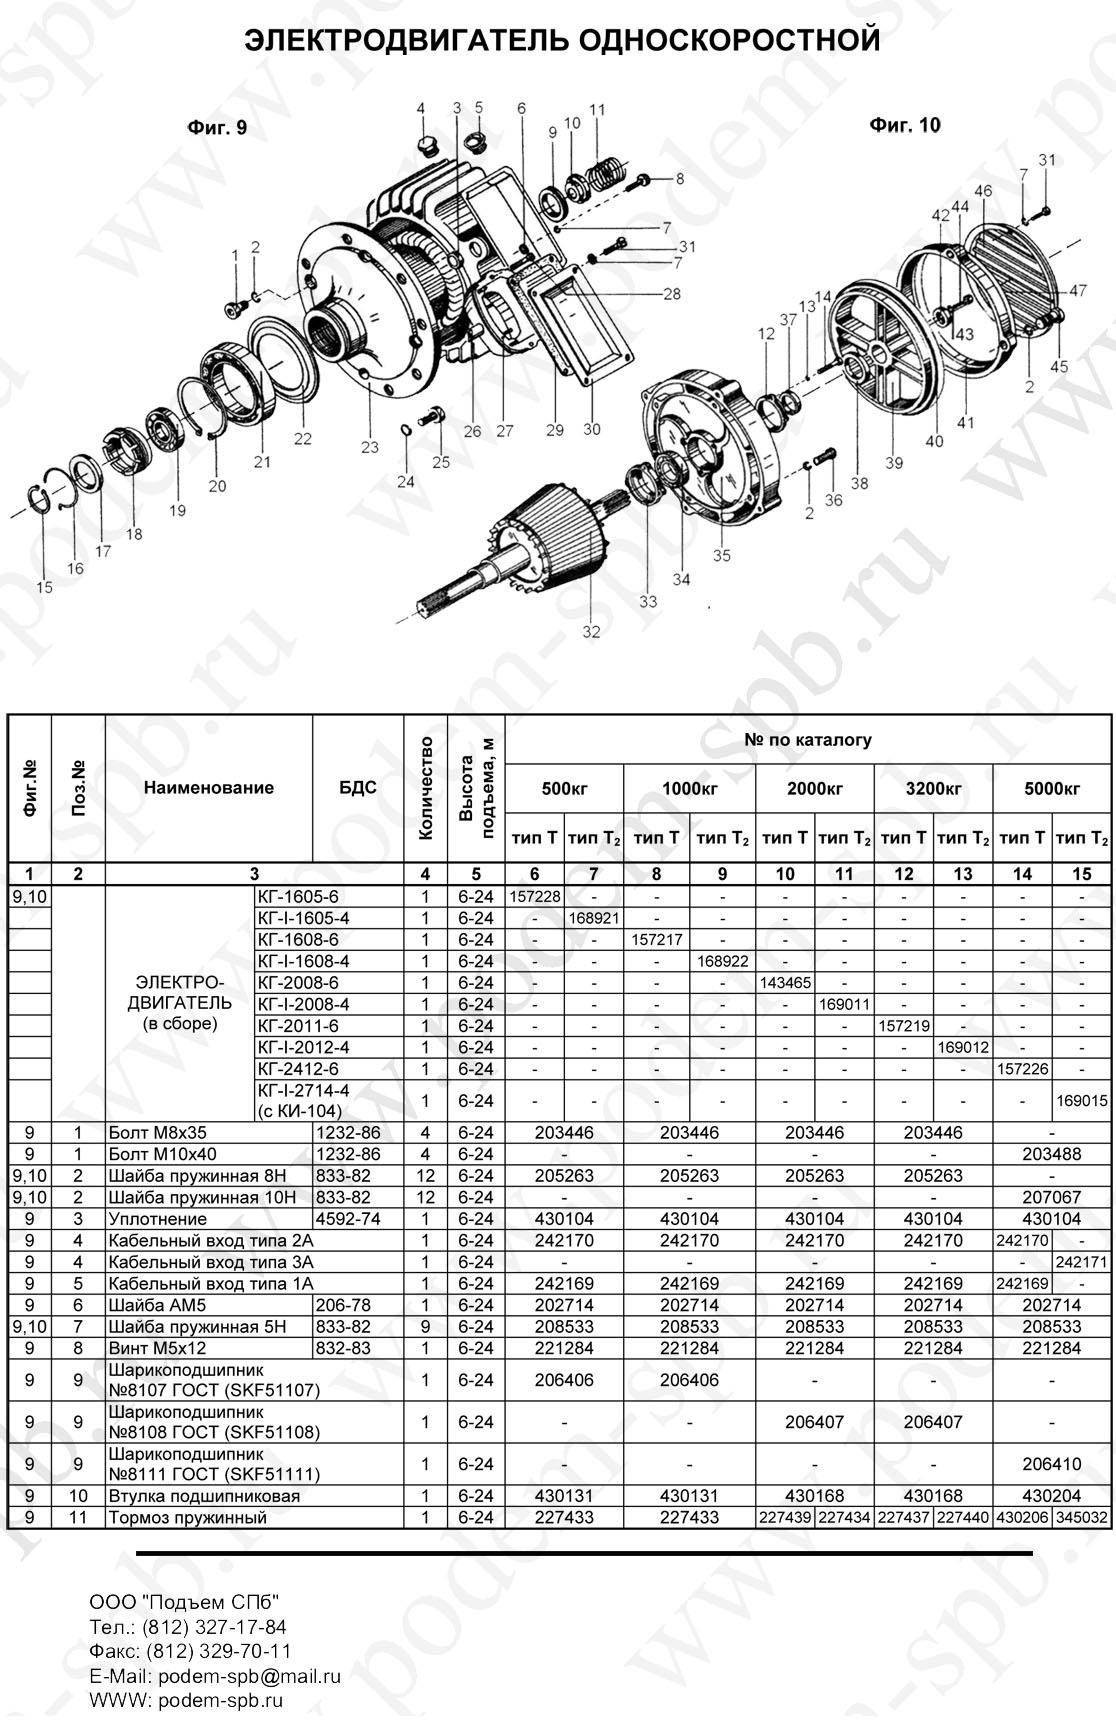 Щит передний двигателя подъема болгарского тали электрической